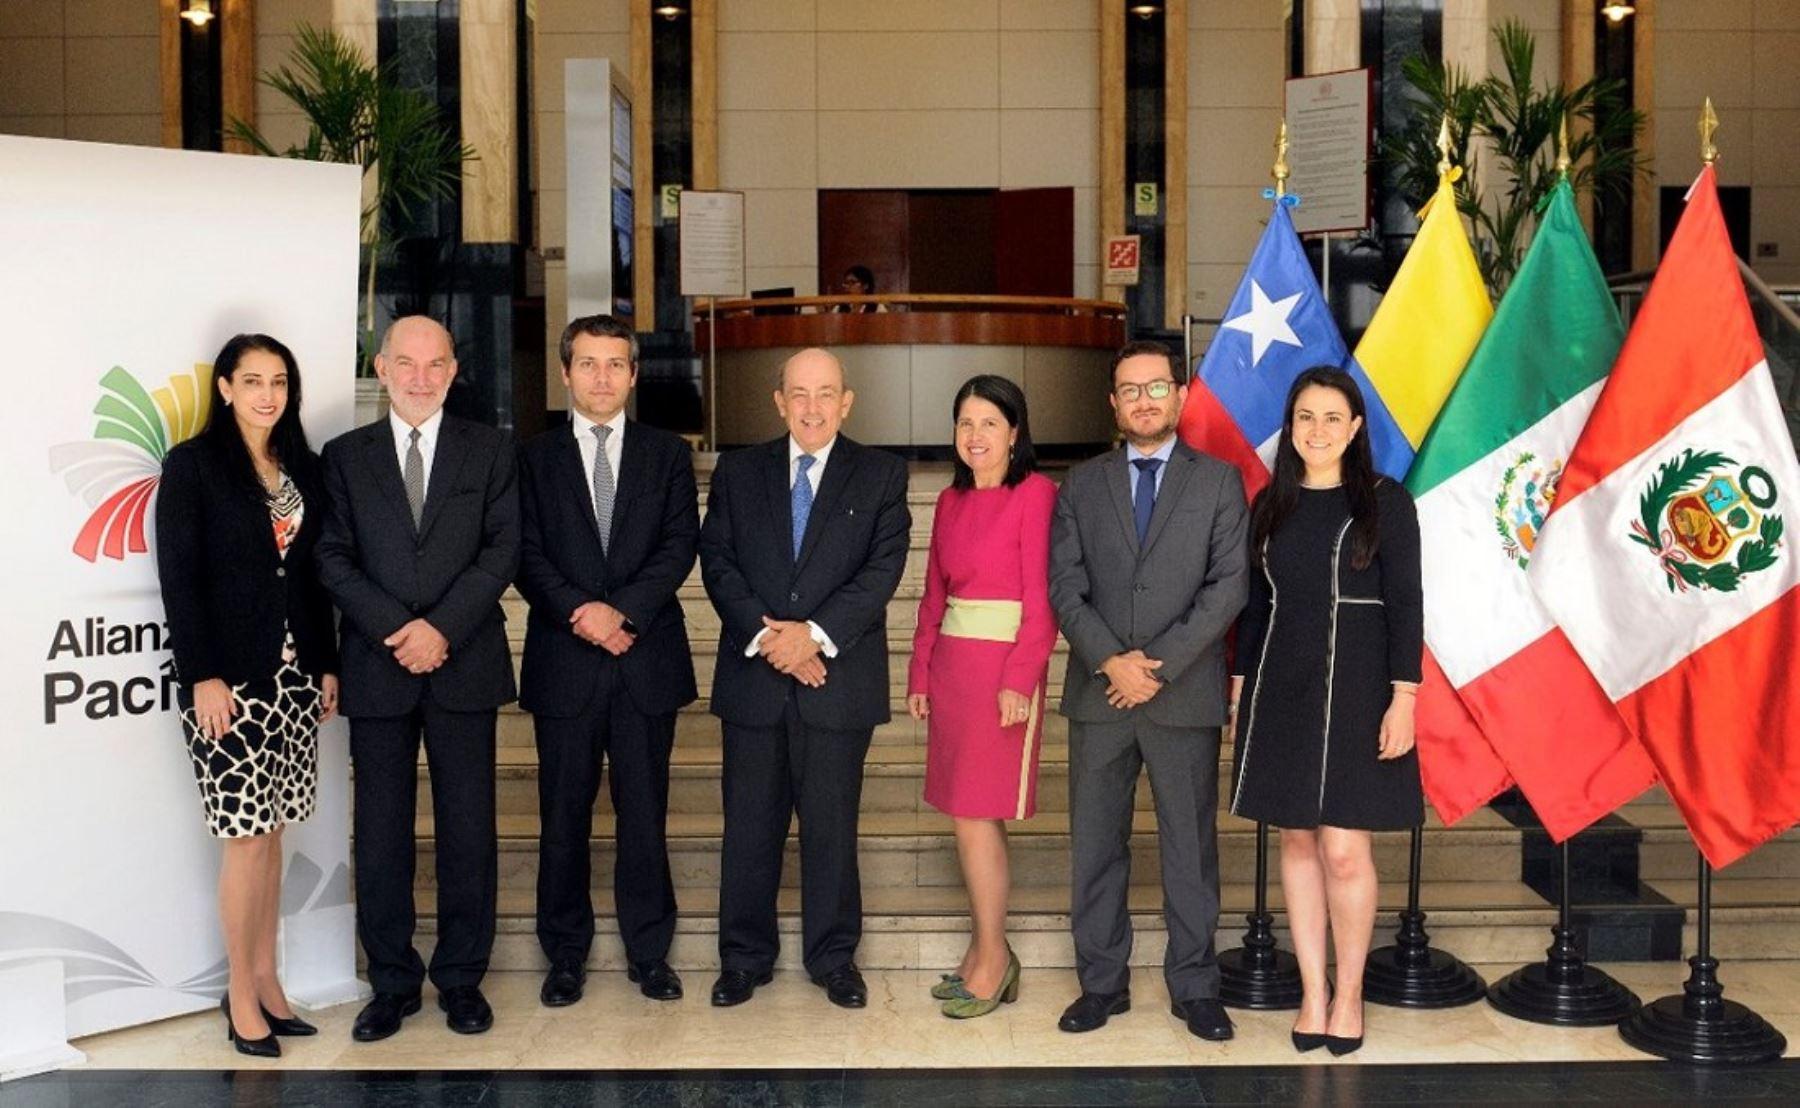 Grupo de Alto Nivel (GAN) de la Alianza del Pacífico.